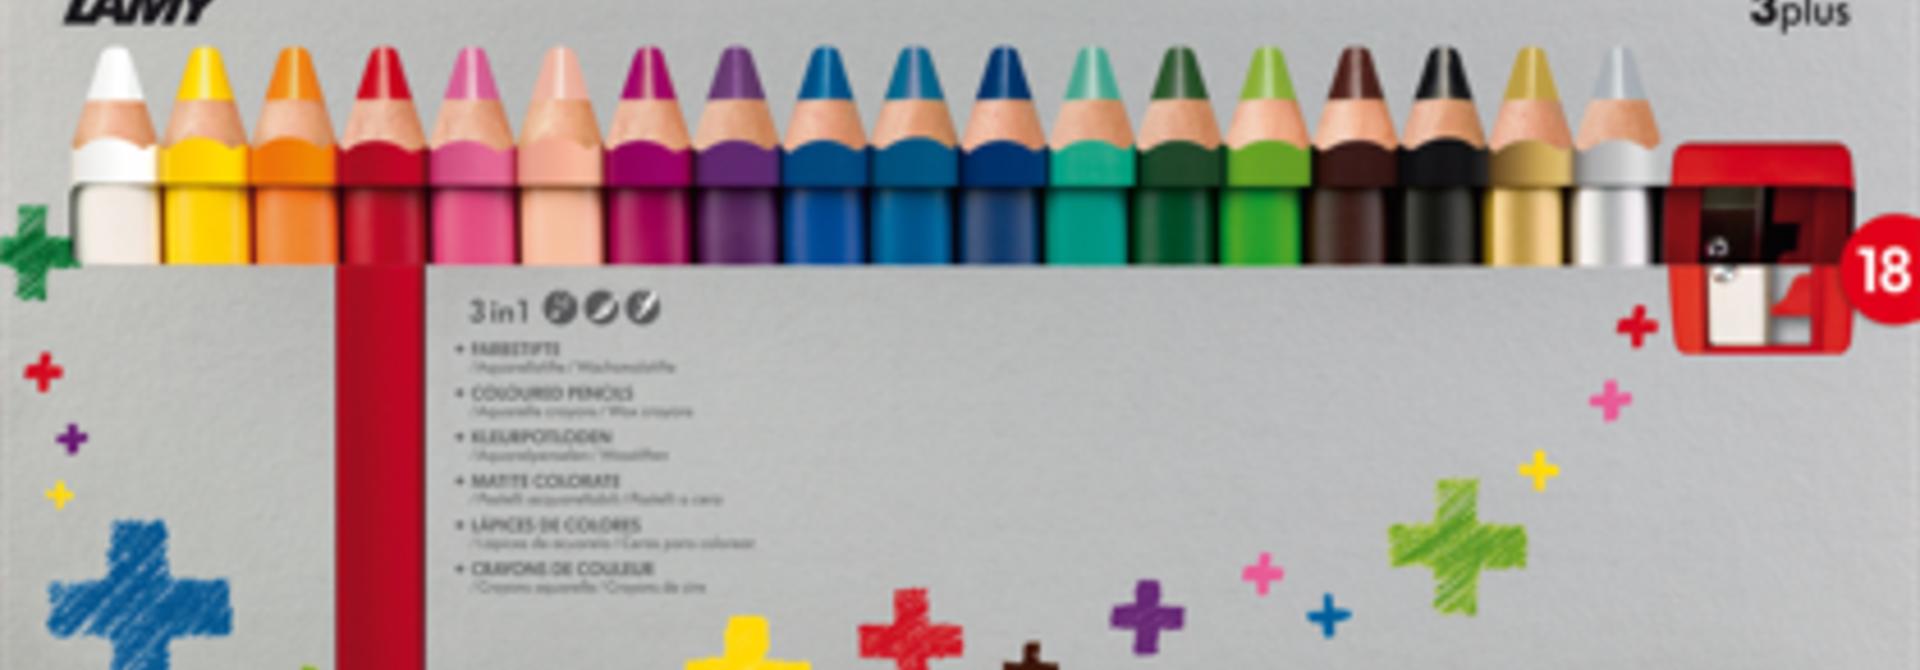 Kleurpotloden 3plus - 18 stuks